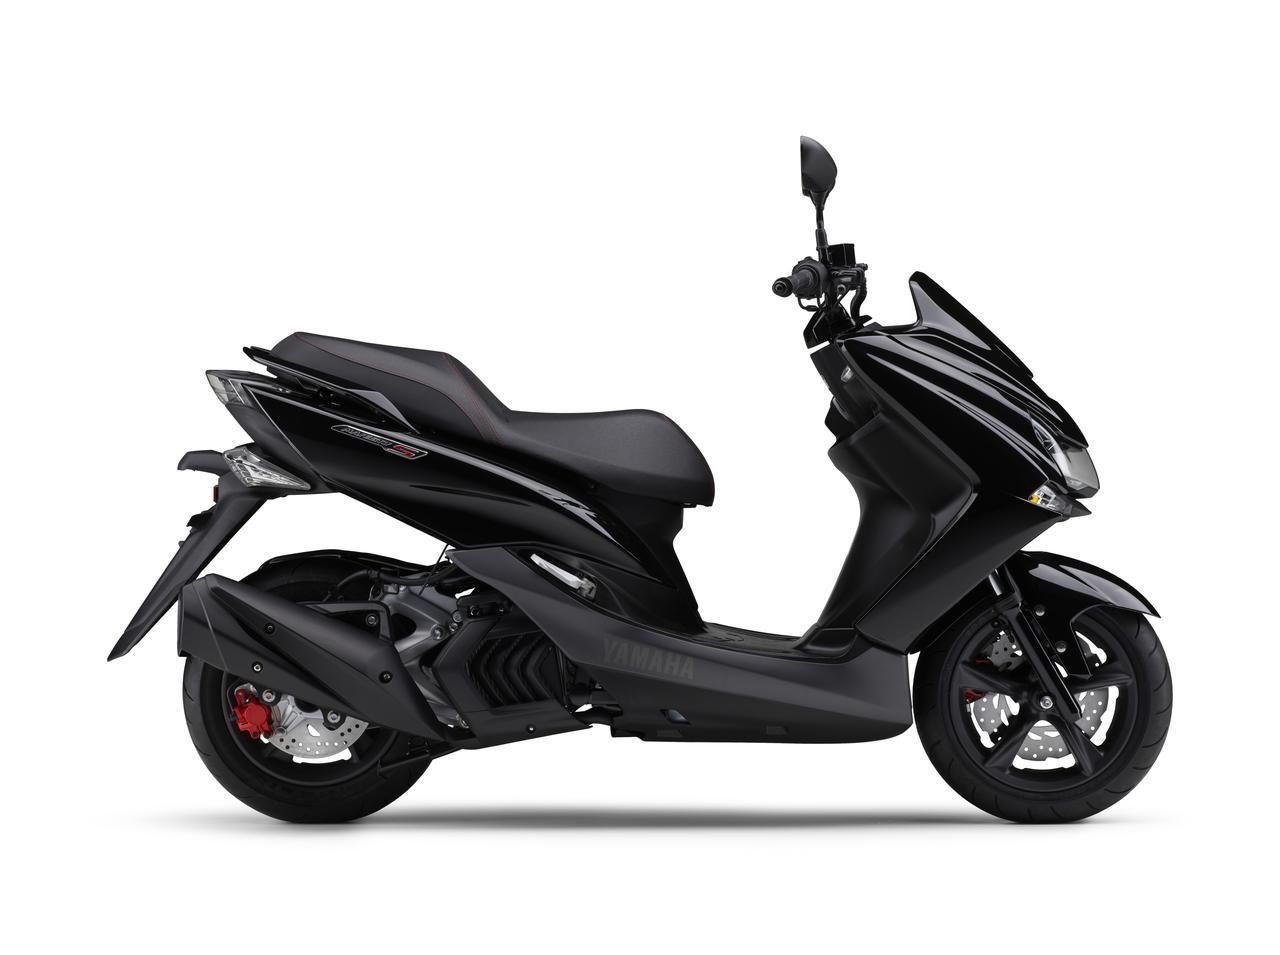 画像3: ヤマハ「マジェスティS」【1分で読める 2021年に新車で購入可能な150ccバイク紹介】